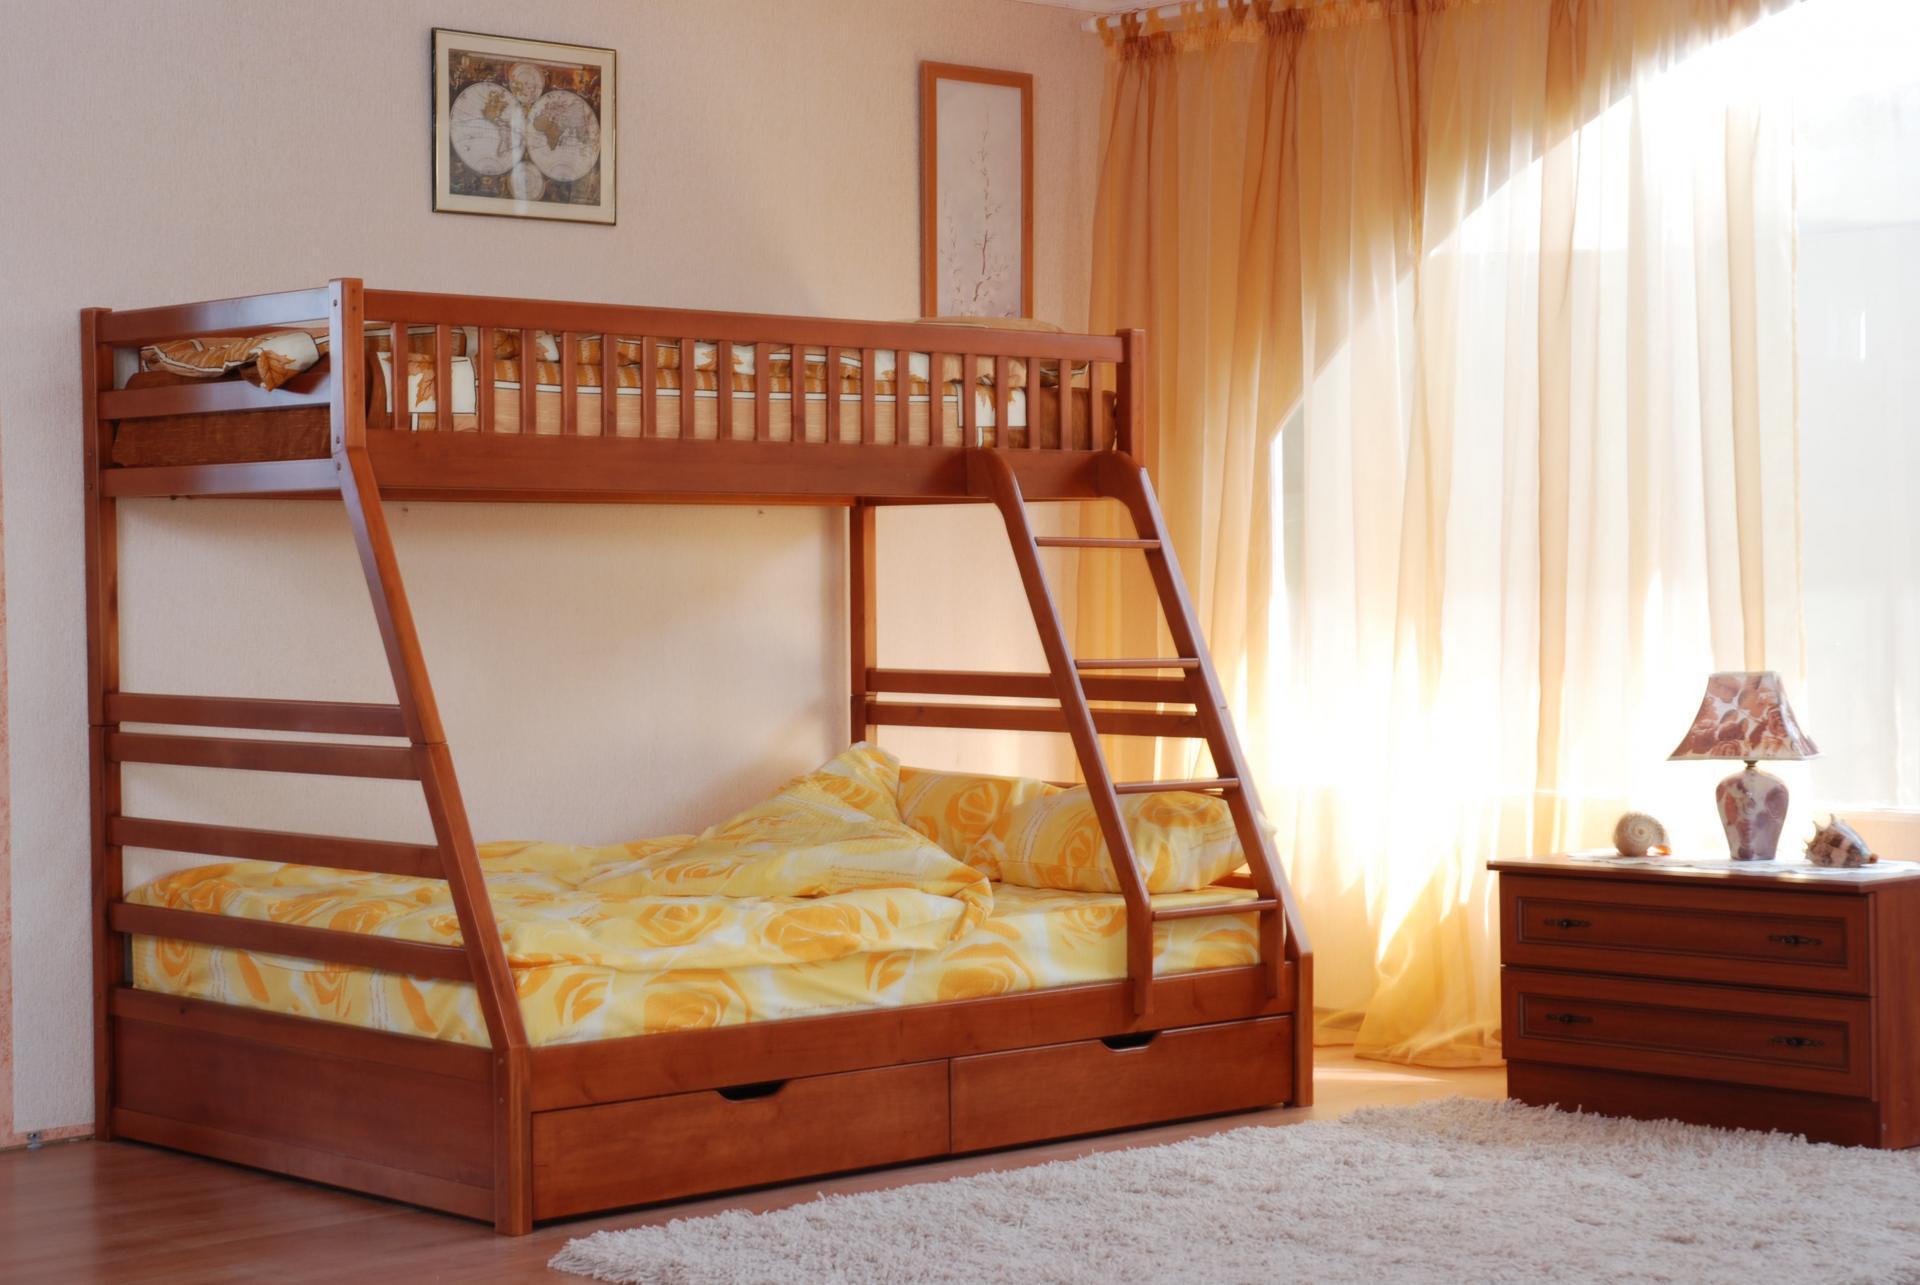 Своими руками двухъярусная кровать в домашних условиях фото 354